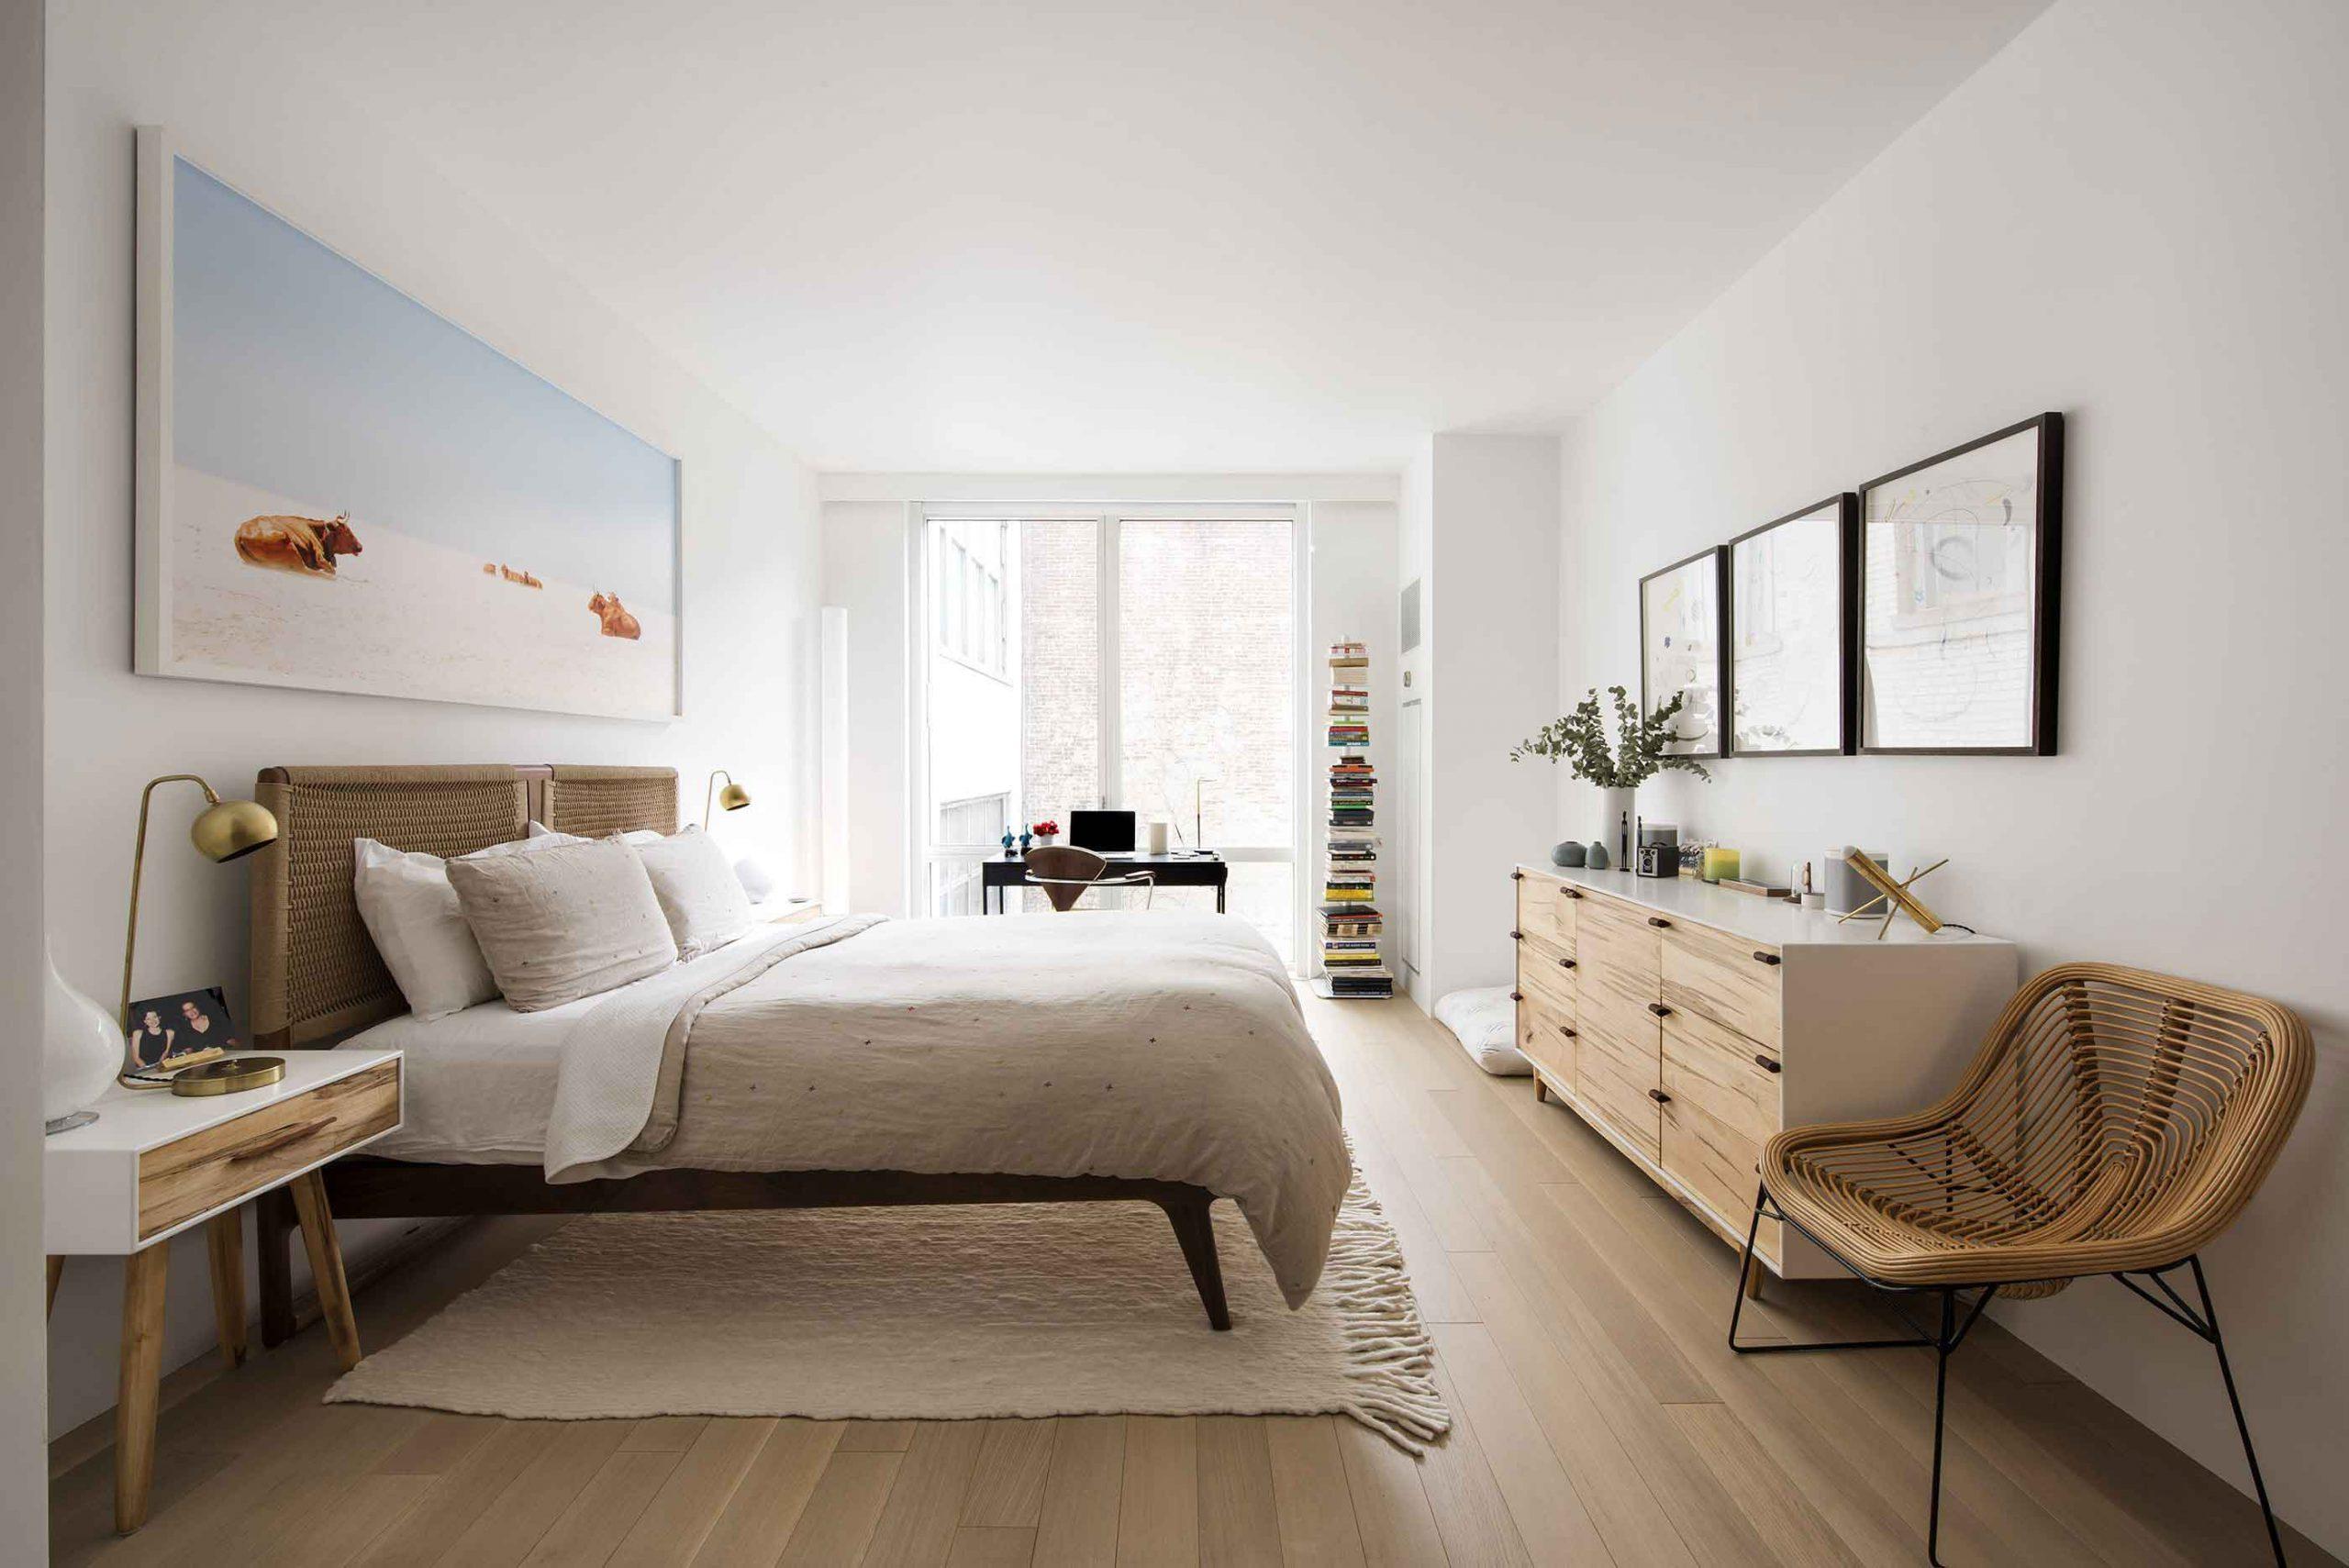 Căn phòng này luôn được đảm bảo đầy đủ ánh sáng nhờ có hệ thống cửa rộng, mang ánh sáng và năng lượng vào phòng trong mọi thời điểm